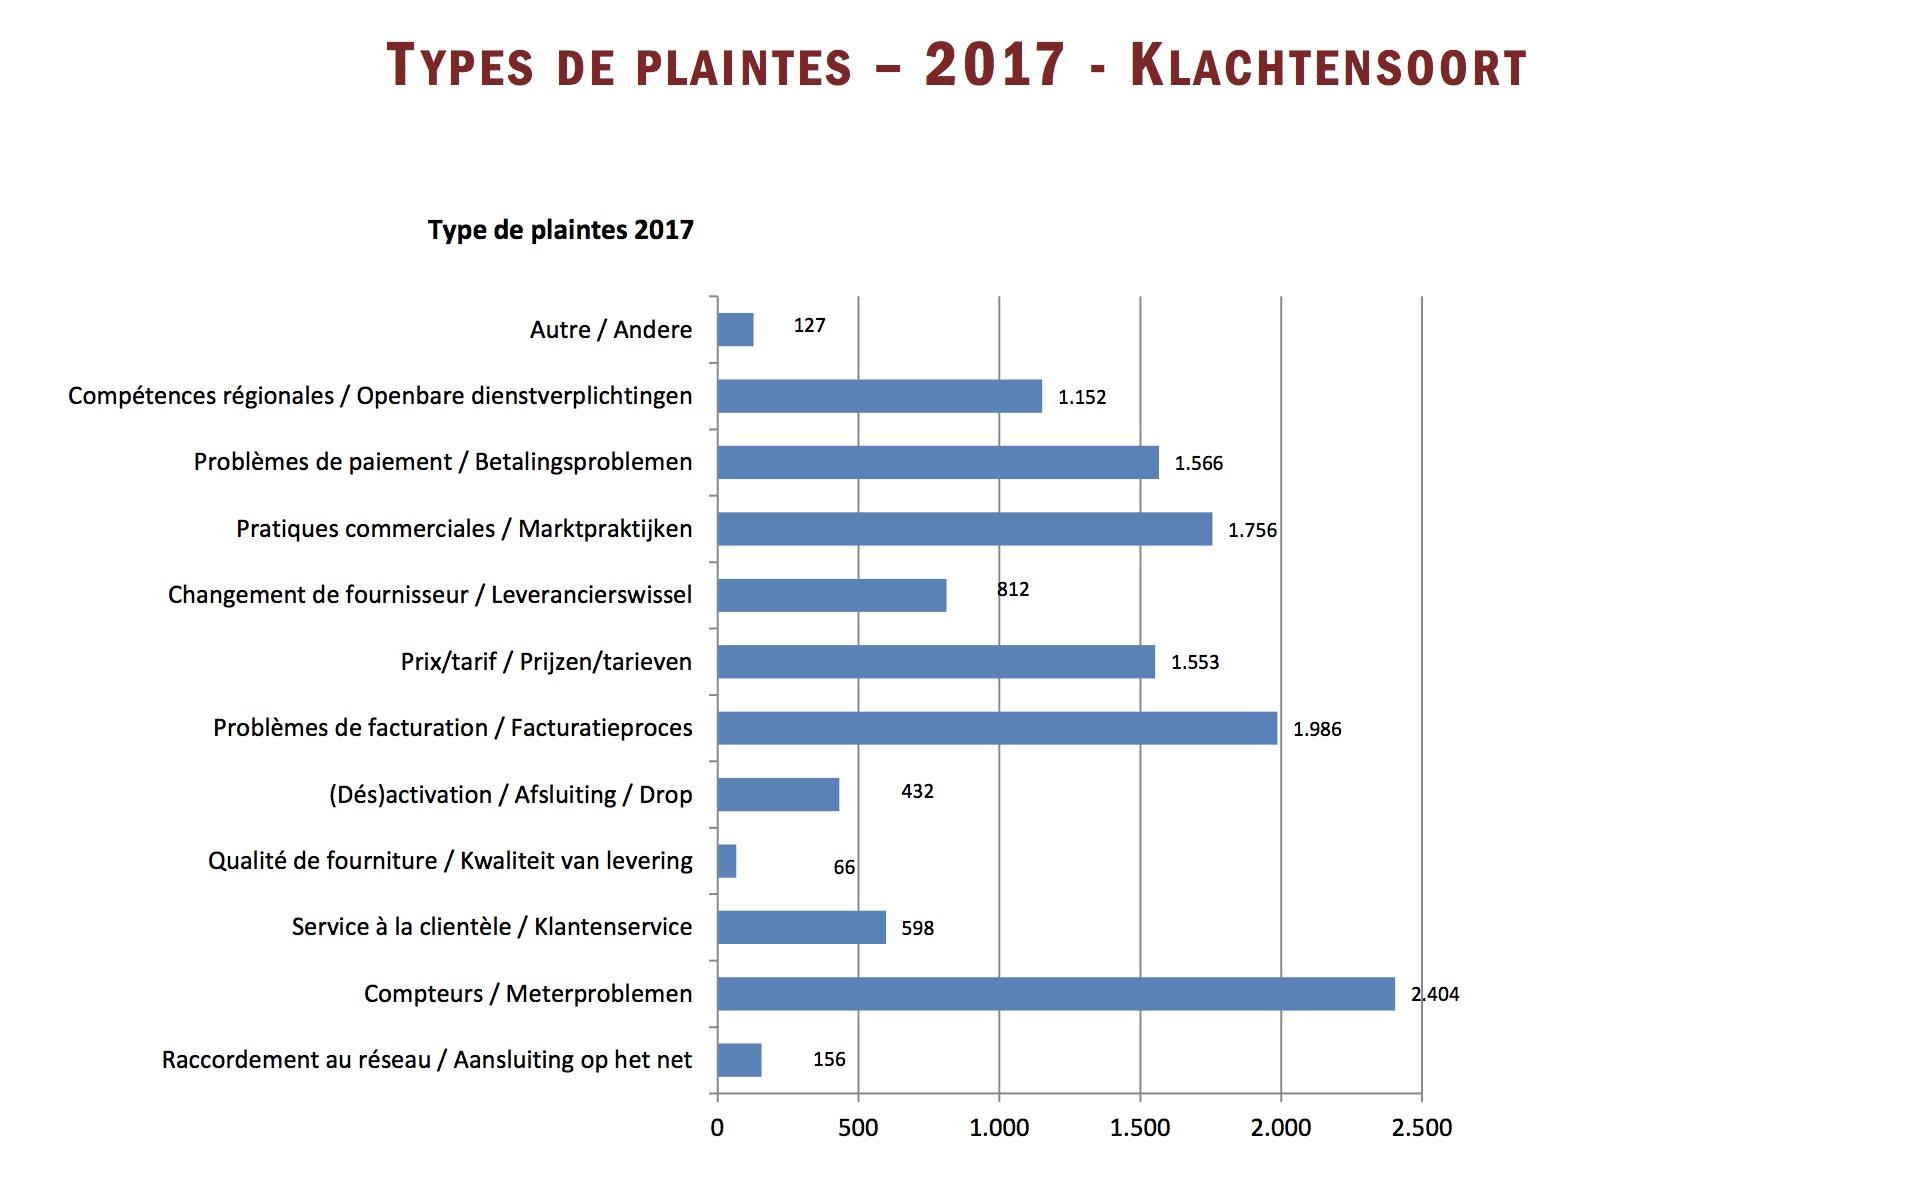 Rapport d'activité 2017 du Service de Médiation de l'Energie en Belgique - Types de plaintes